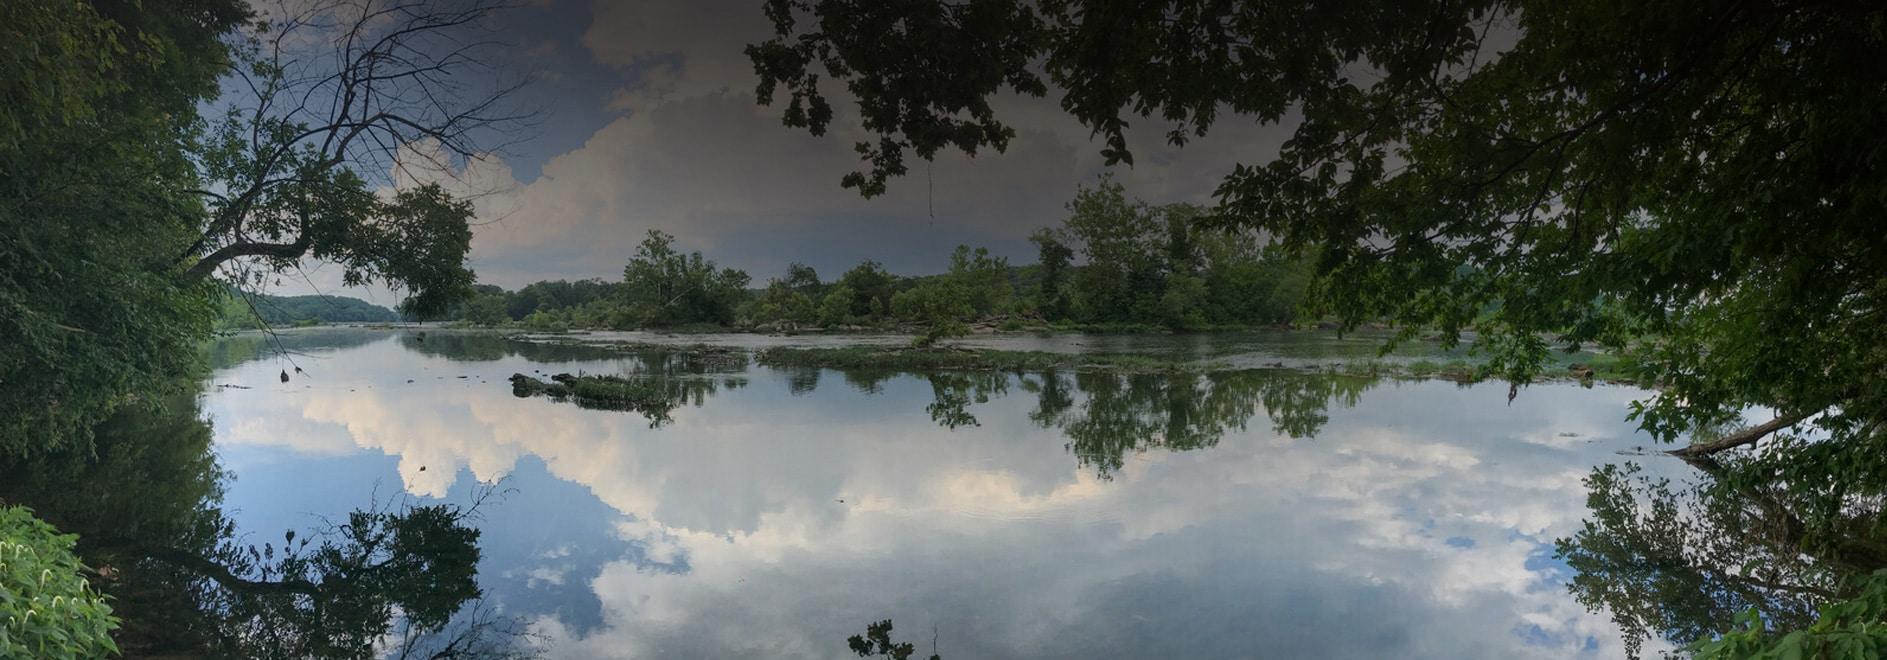 Web Design Lake Ridge VA